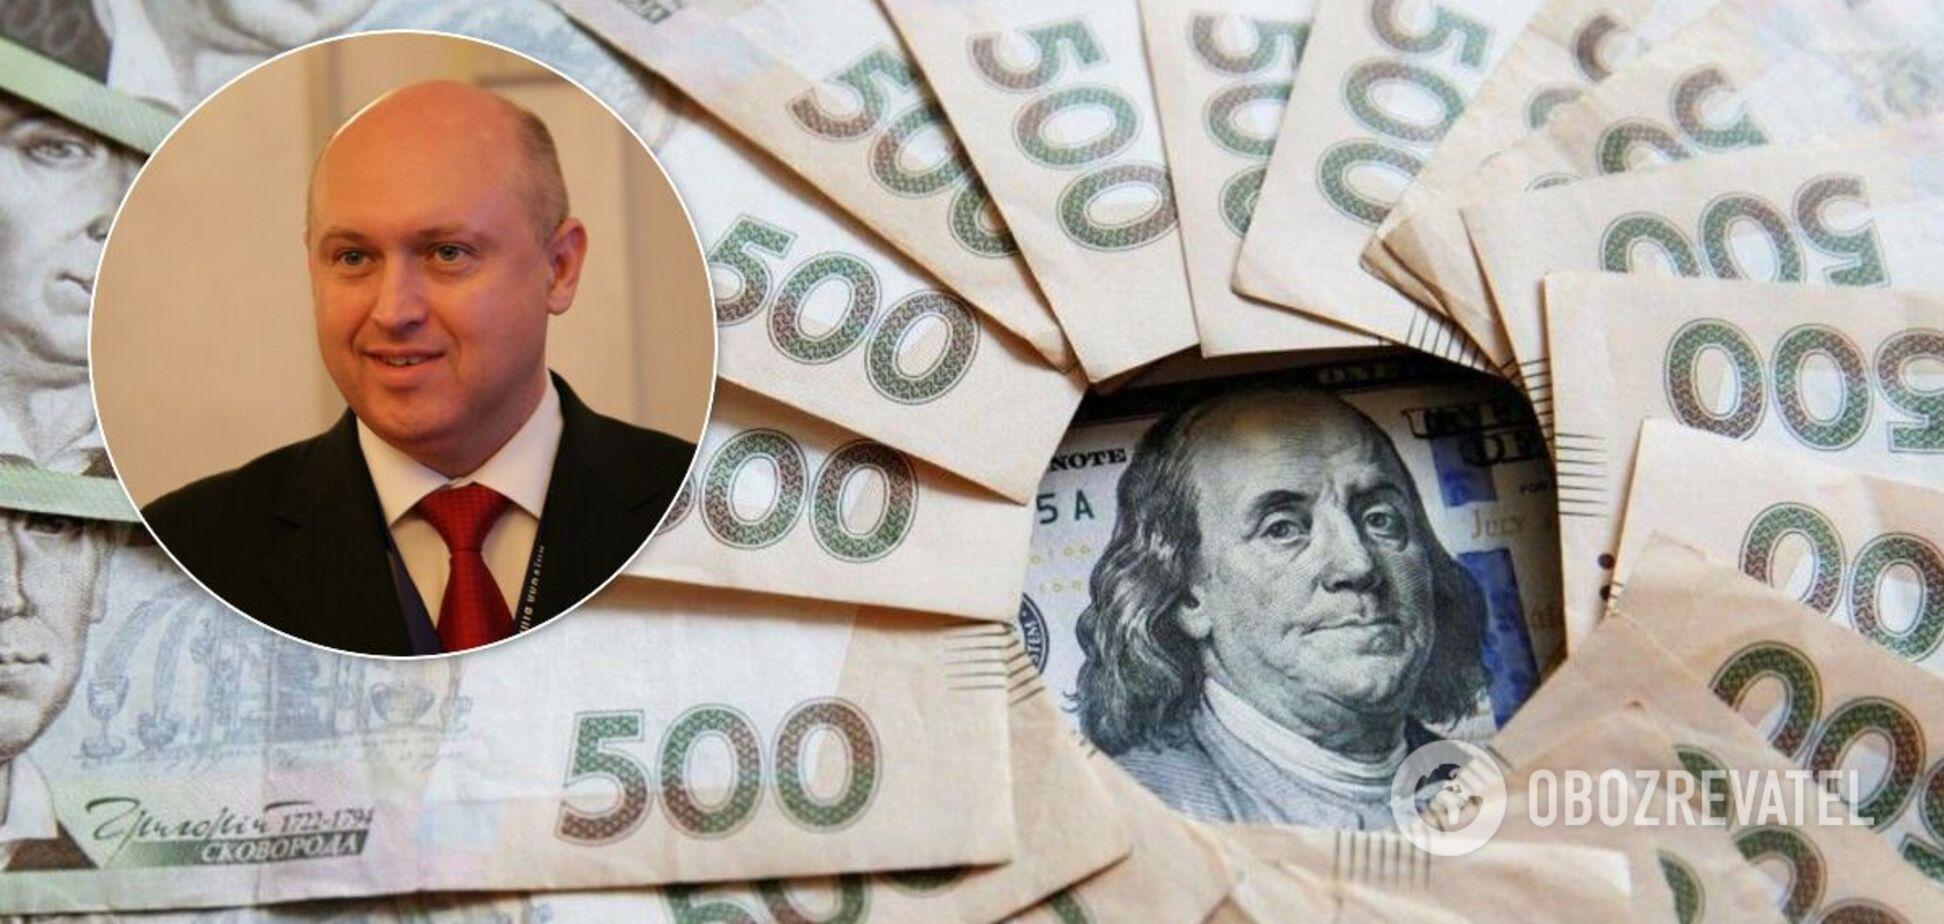 Син Андрія Головача відсудив 130 млн грн